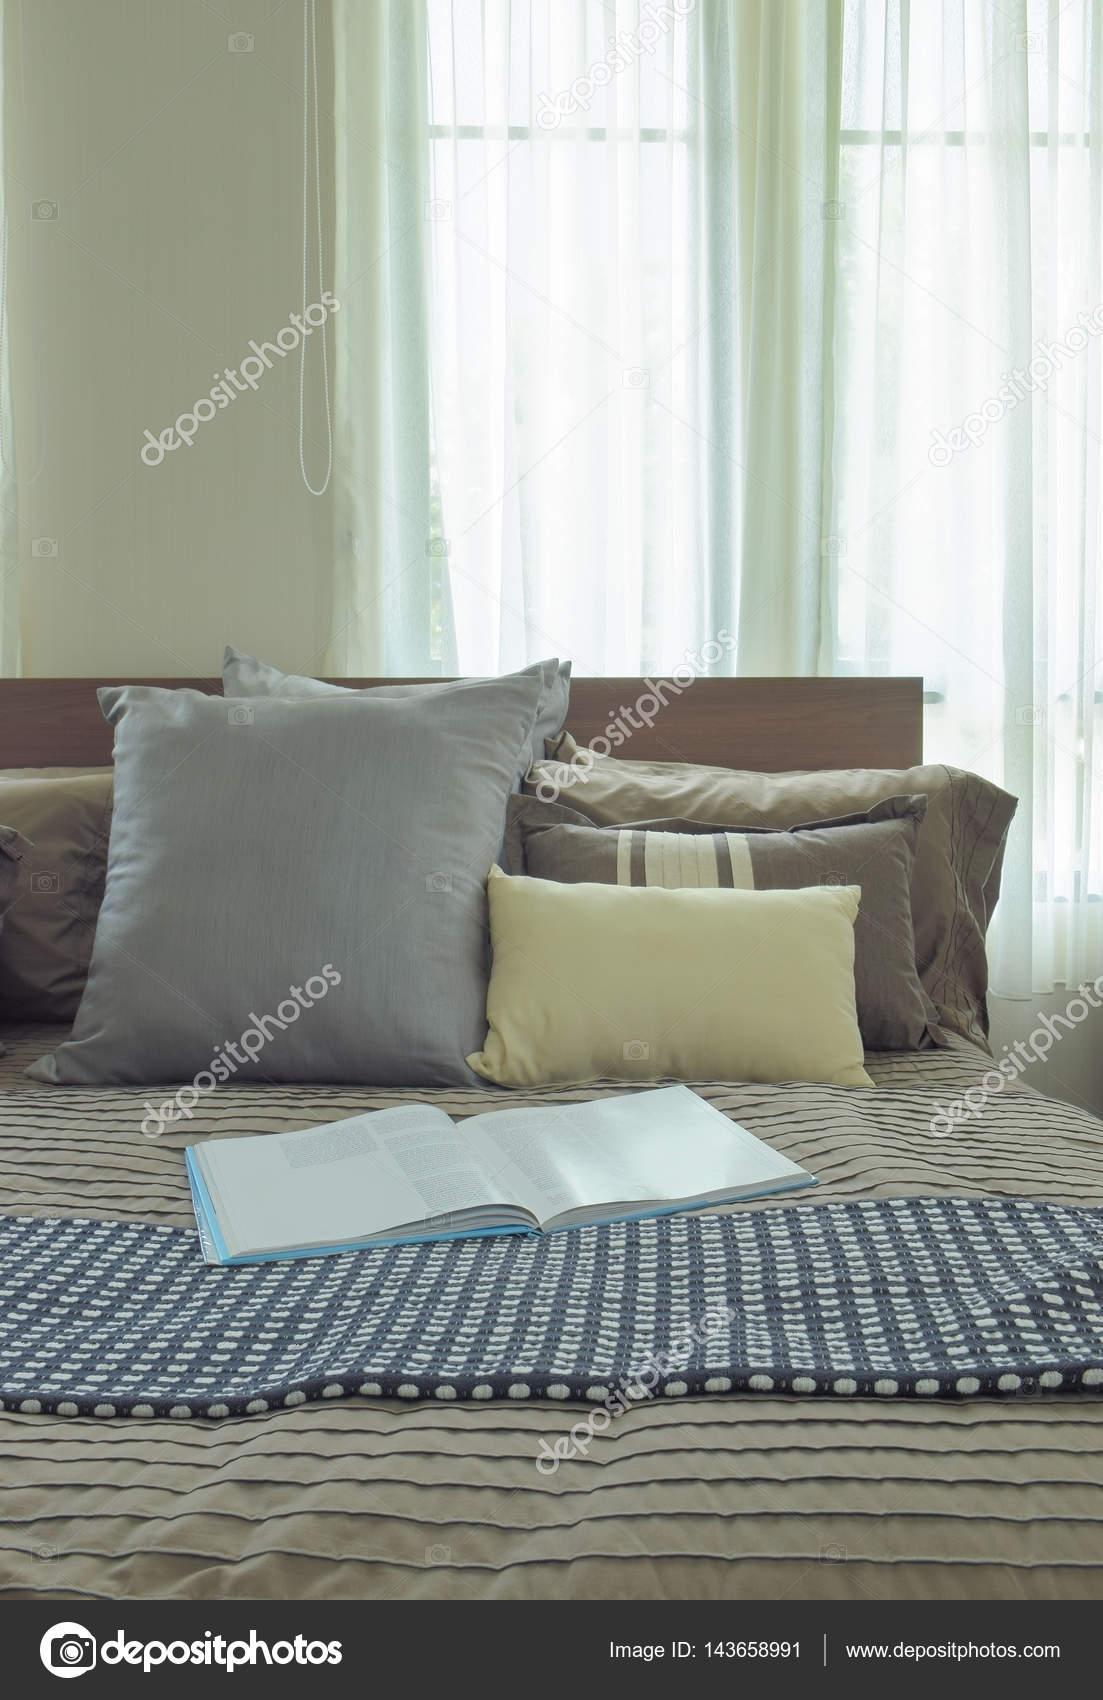 Good rivista sul letto nella camera da letto in stile - Letto giapponese ikea ...